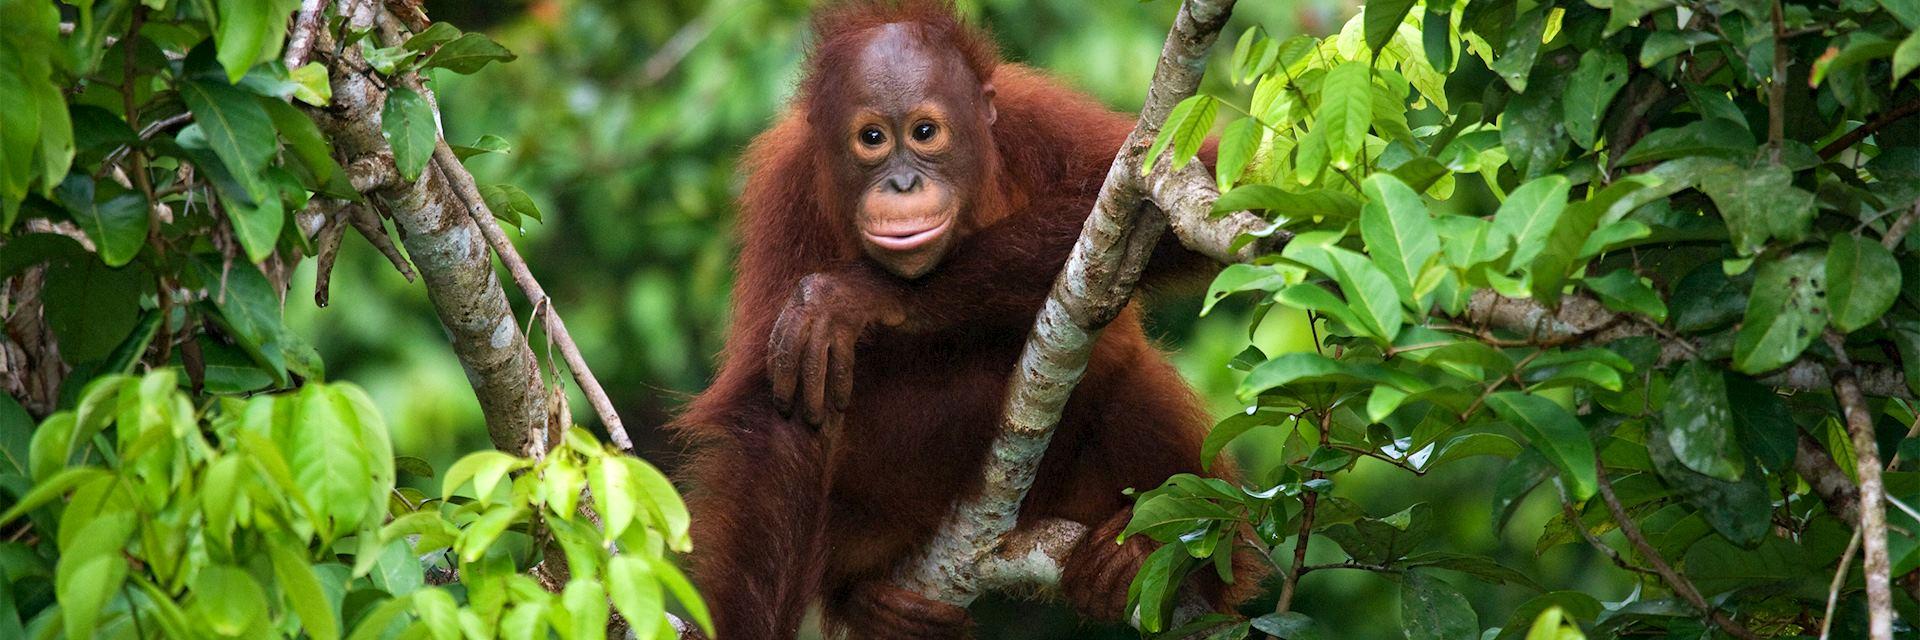 A baby orangutan in the wild